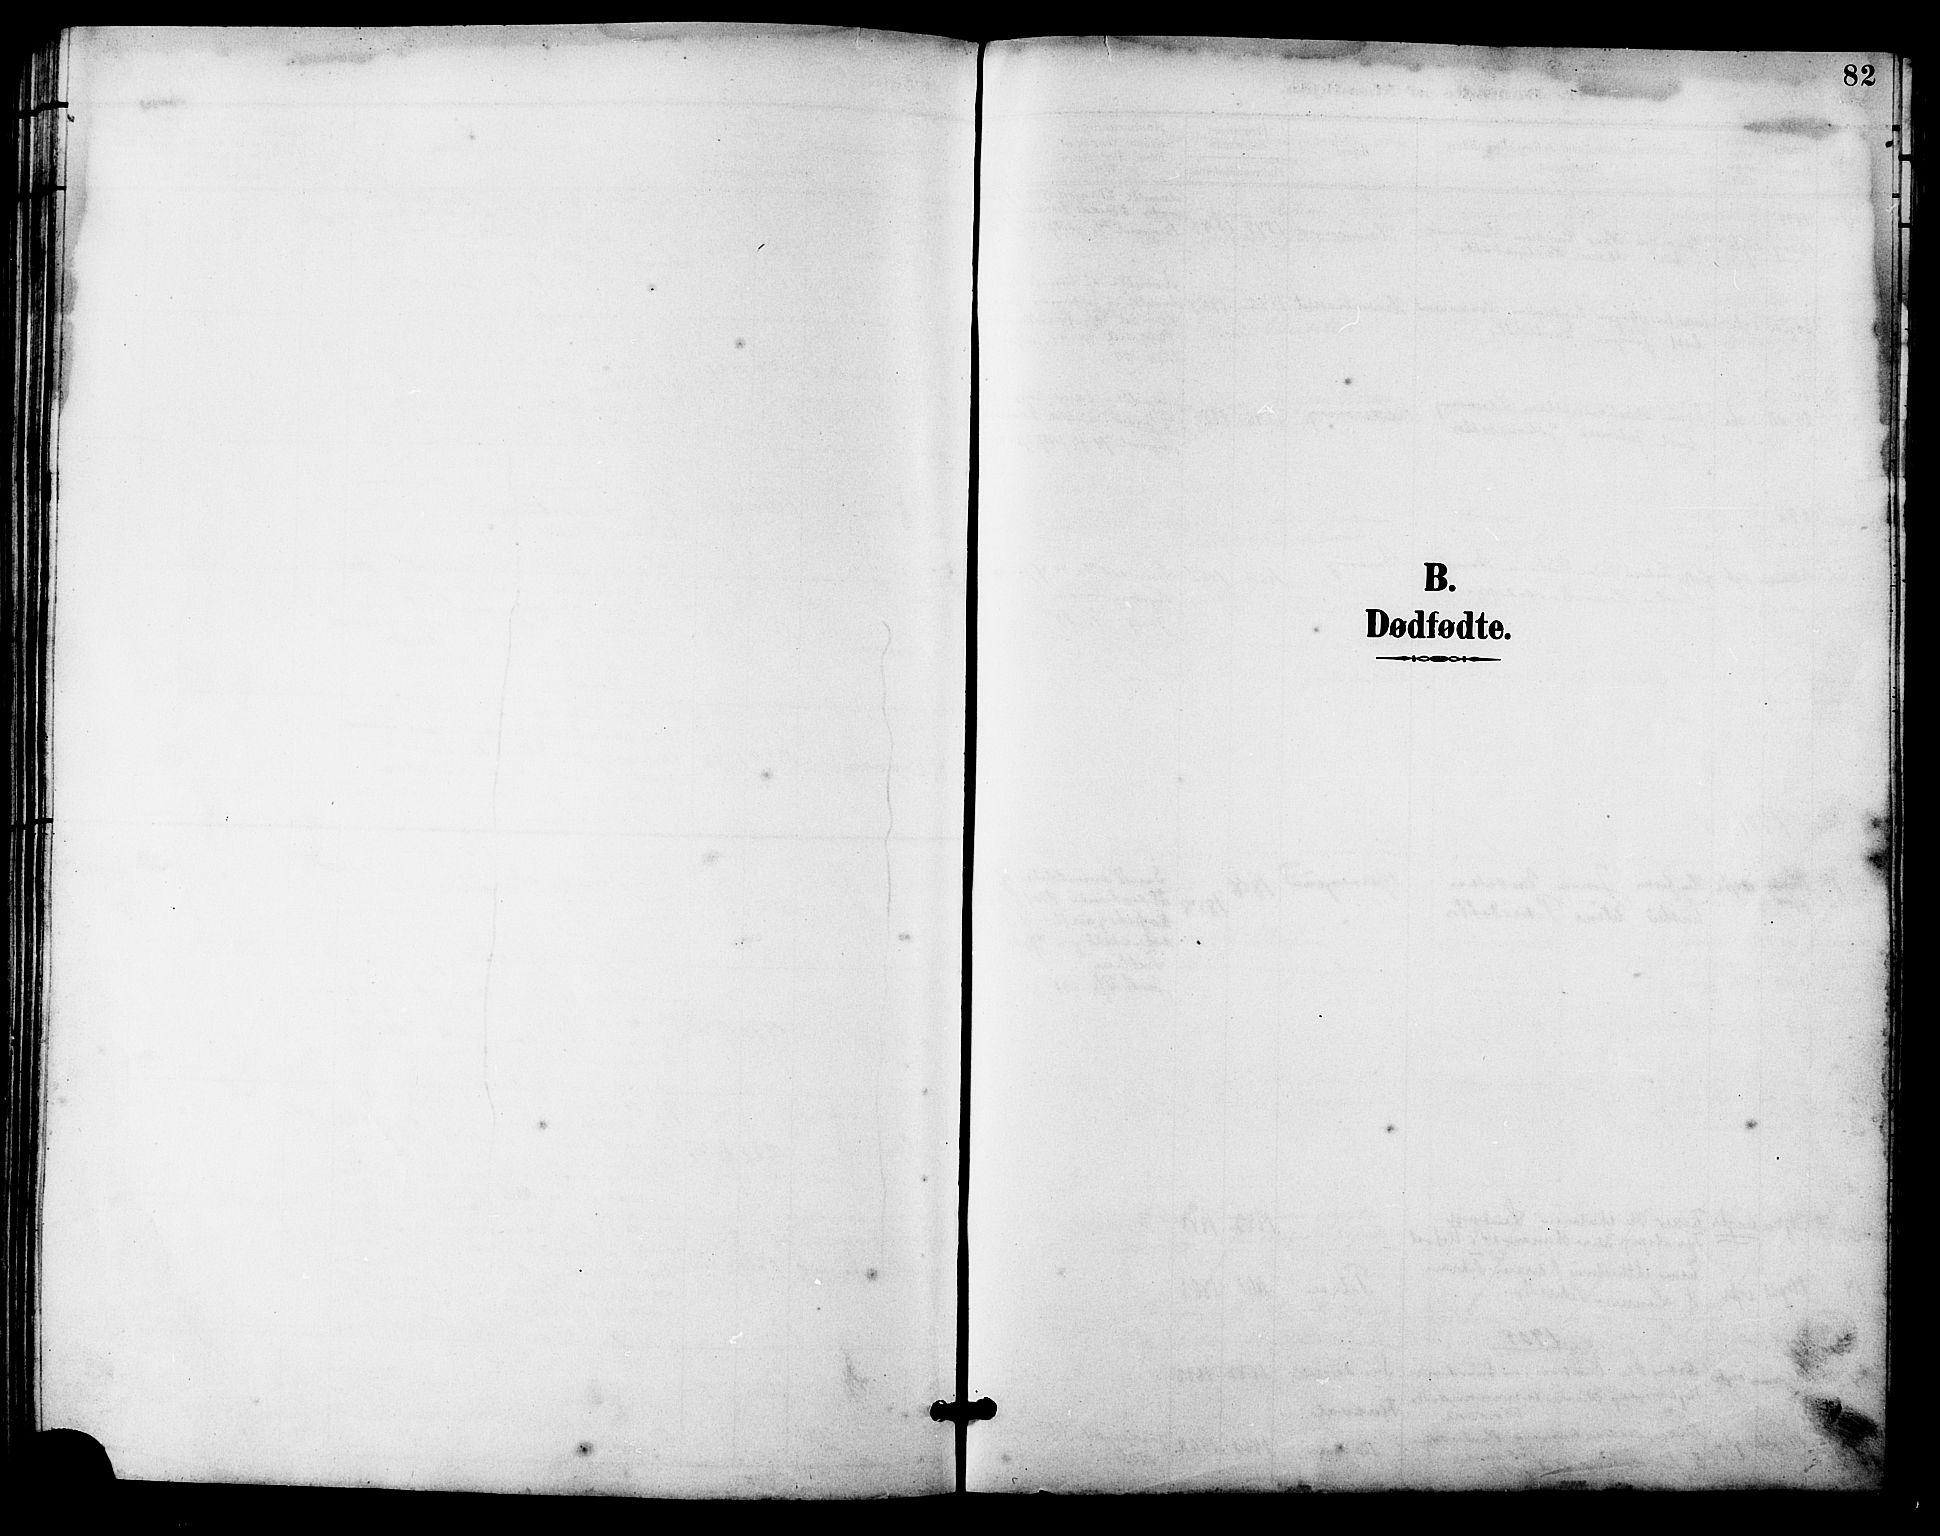 SAT, Ministerialprotokoller, klokkerbøker og fødselsregistre - Sør-Trøndelag, 641/L0598: Klokkerbok nr. 641C02, 1893-1910, s. 82